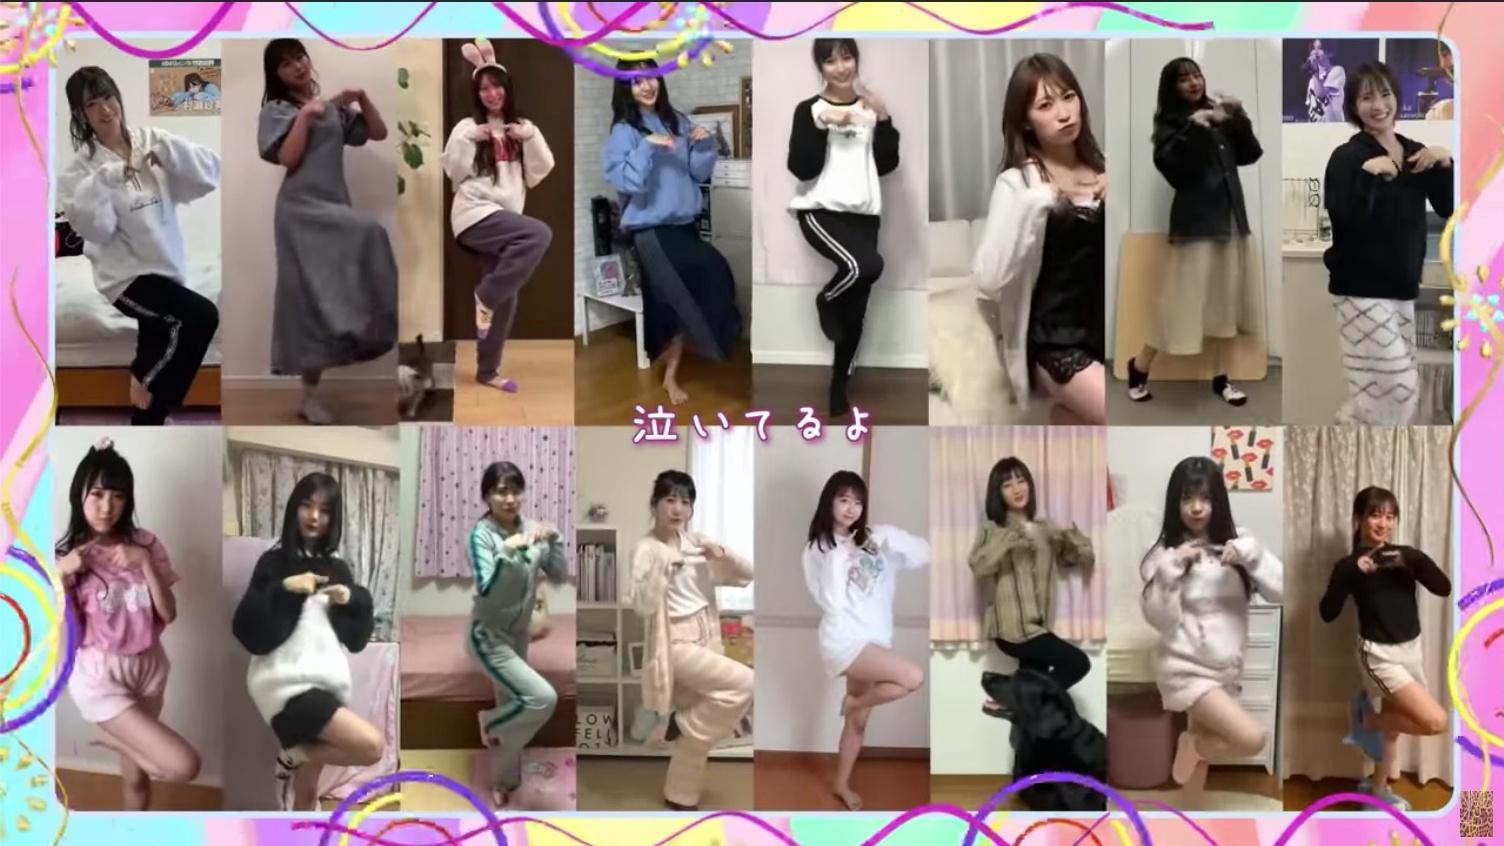 【NMB48】23rdシングルが発売延期に。You Tubeで「だってだってだって」MV #stayhome ver.が公開